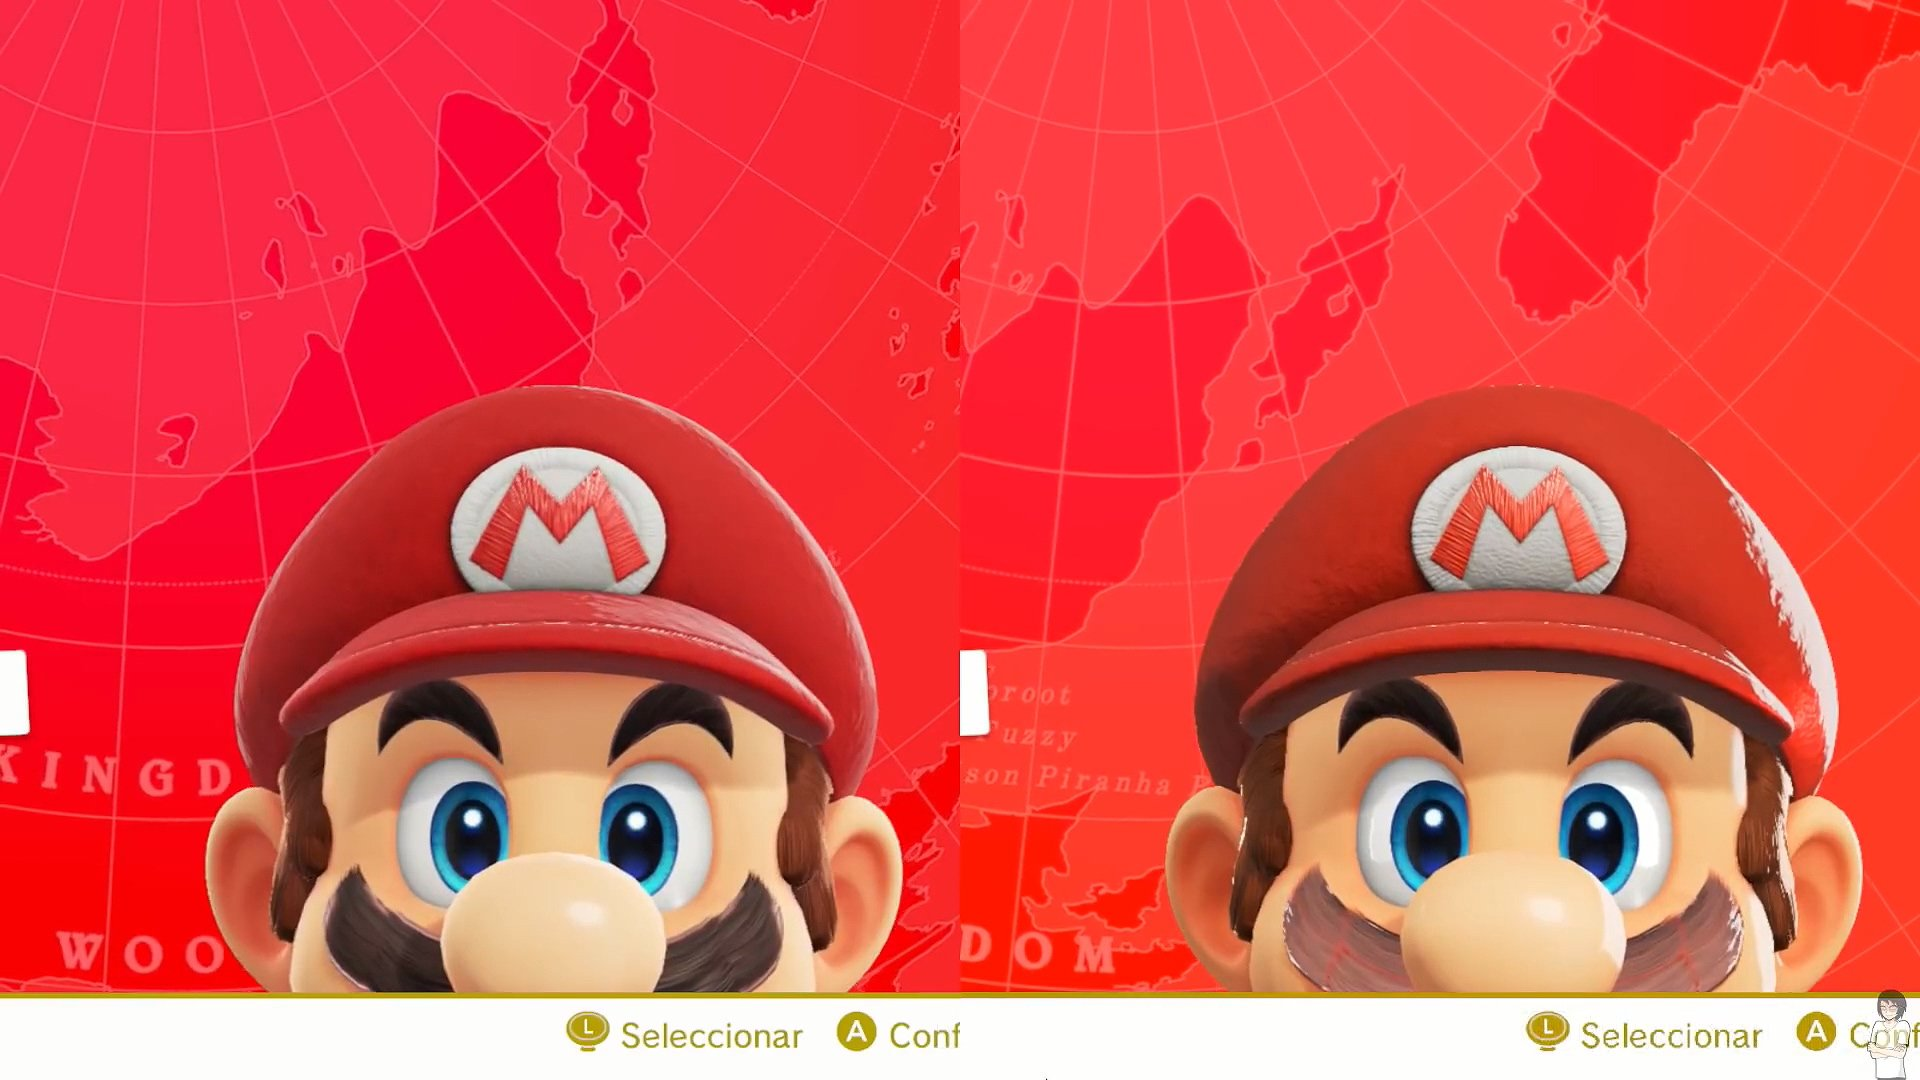 假貨比真貨好?Switch 模擬器進展神速,畫面細節超越原版! | Qooah